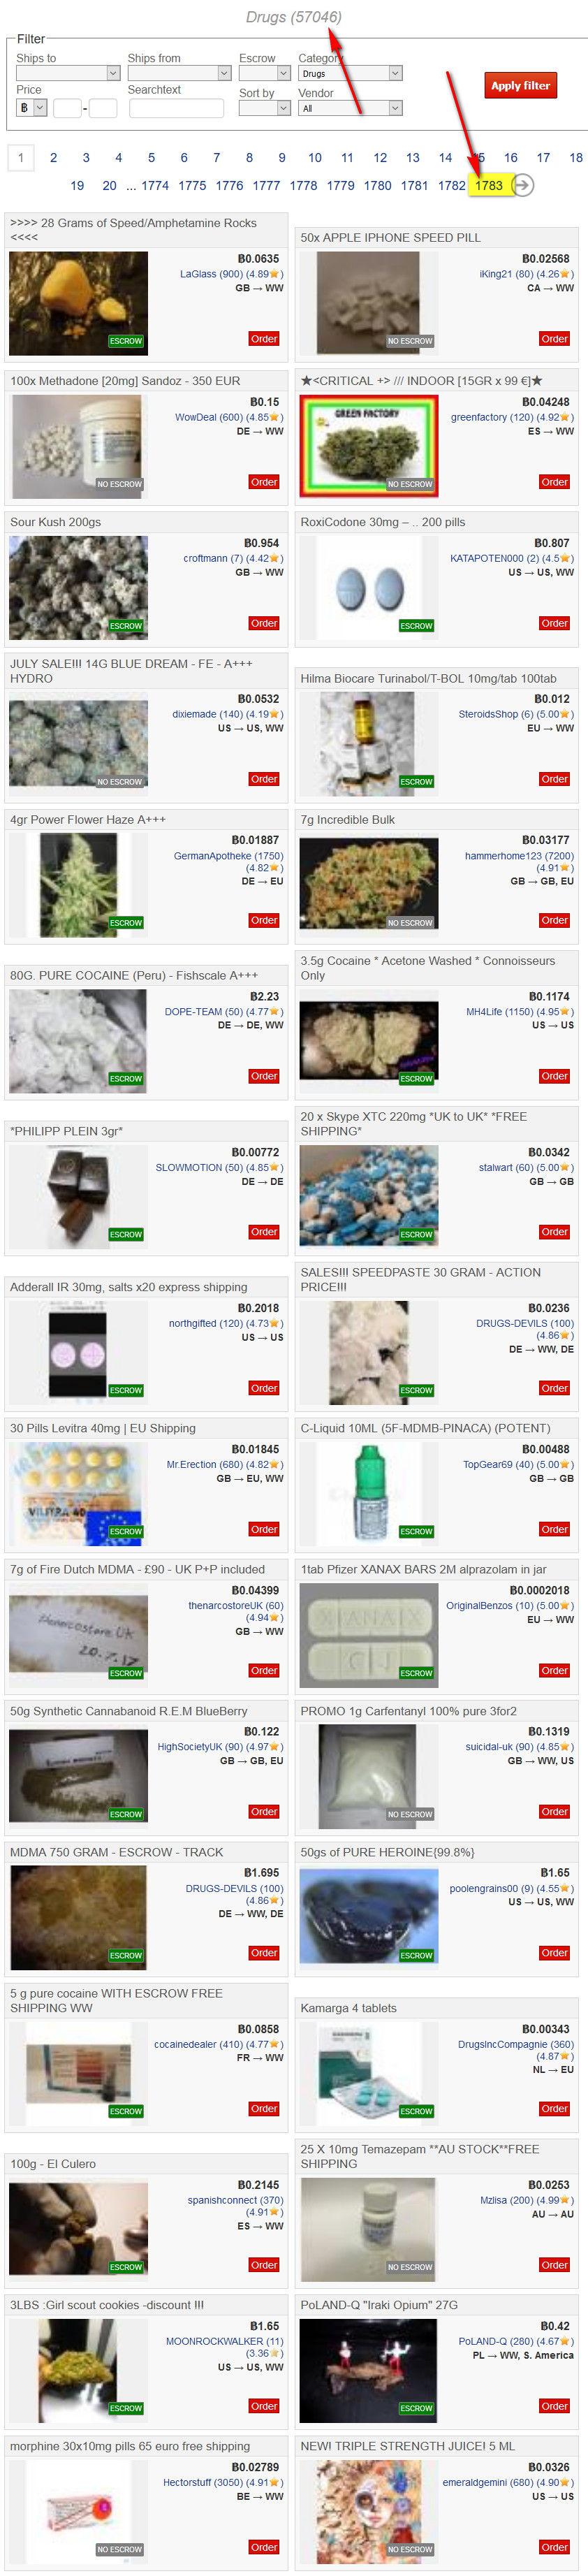 un market illegale di vendita droga online